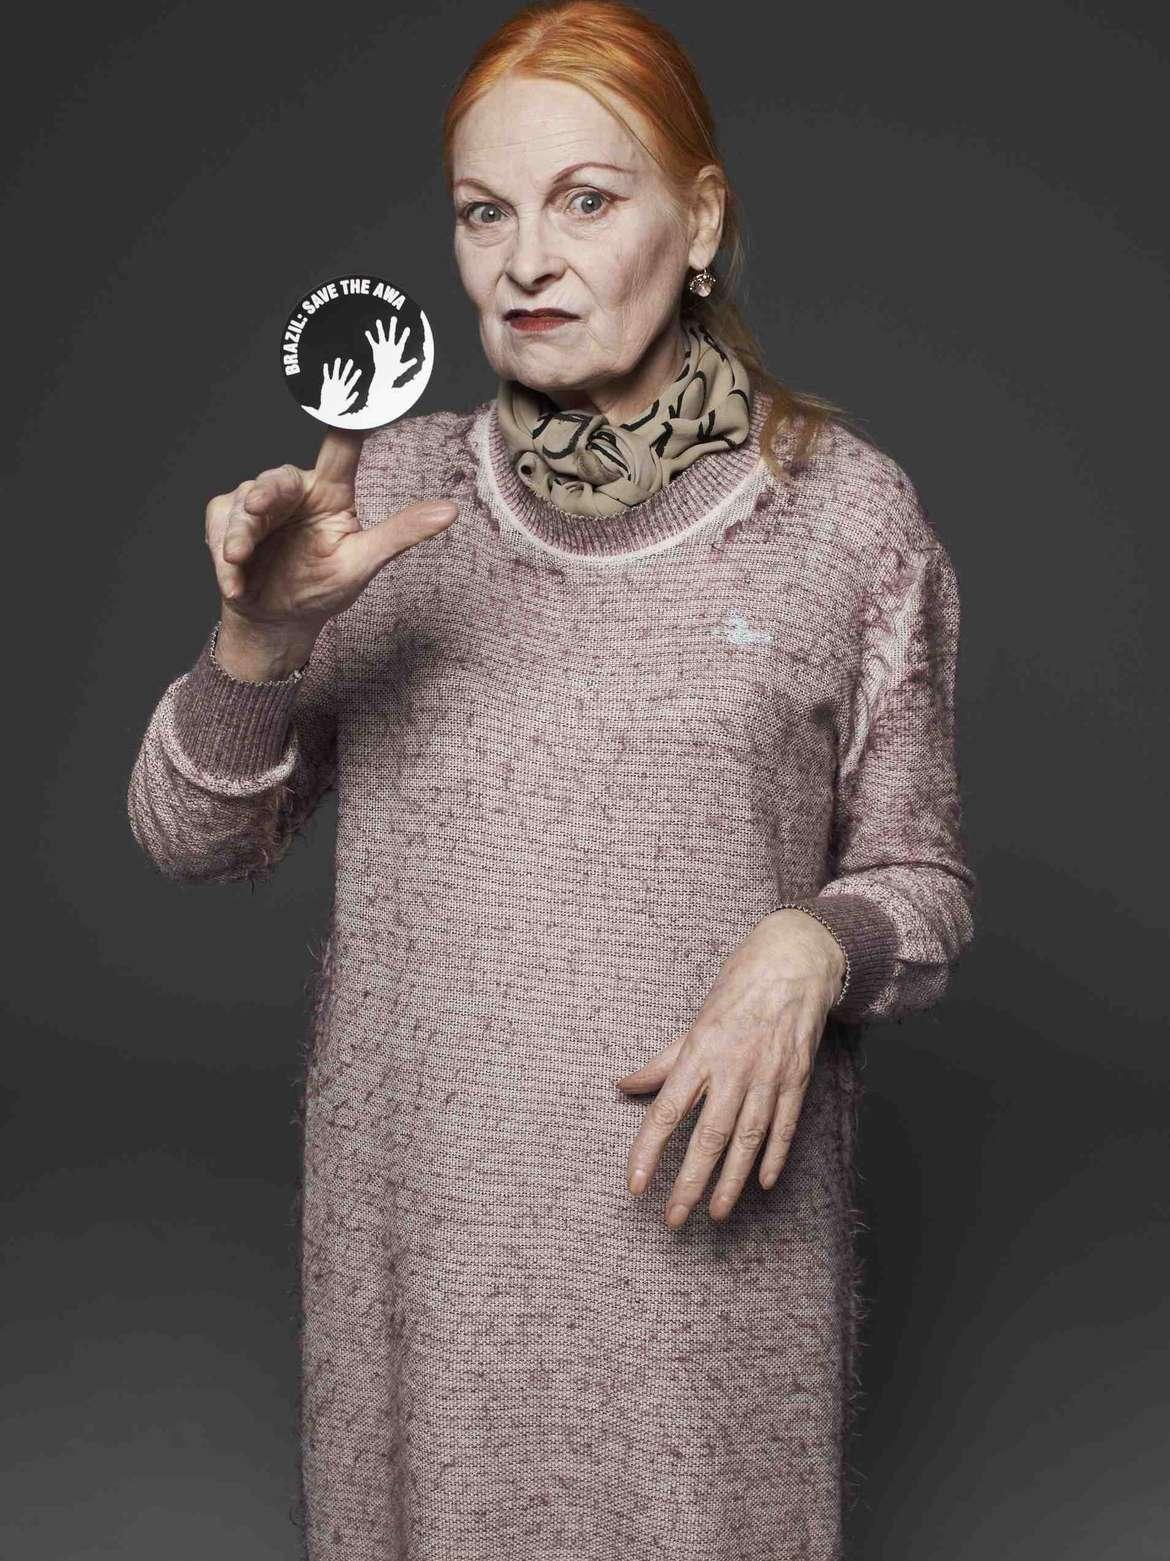 Modeikone Vivienne Westwood unterstützt die Awá (Bild darf nur im Rahmen von Survivals Awá-Kampagne genutzt werden)